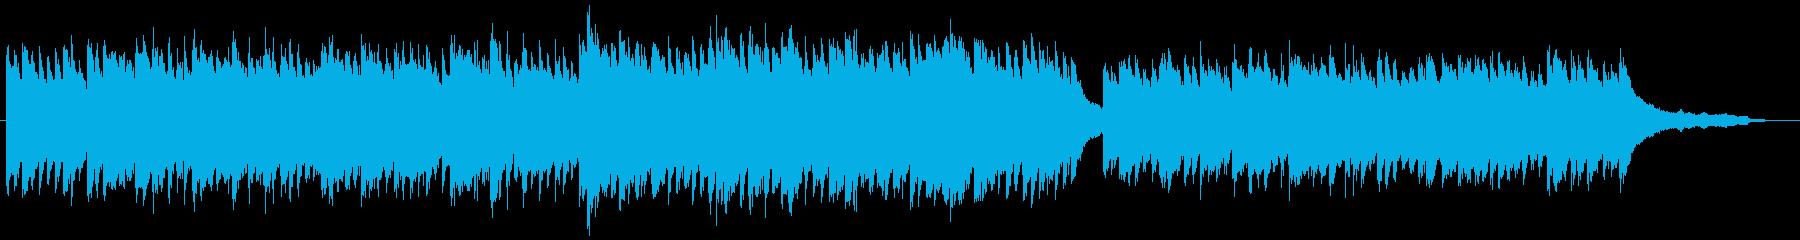 ピアノソロ/叙情系エンディング向きの再生済みの波形